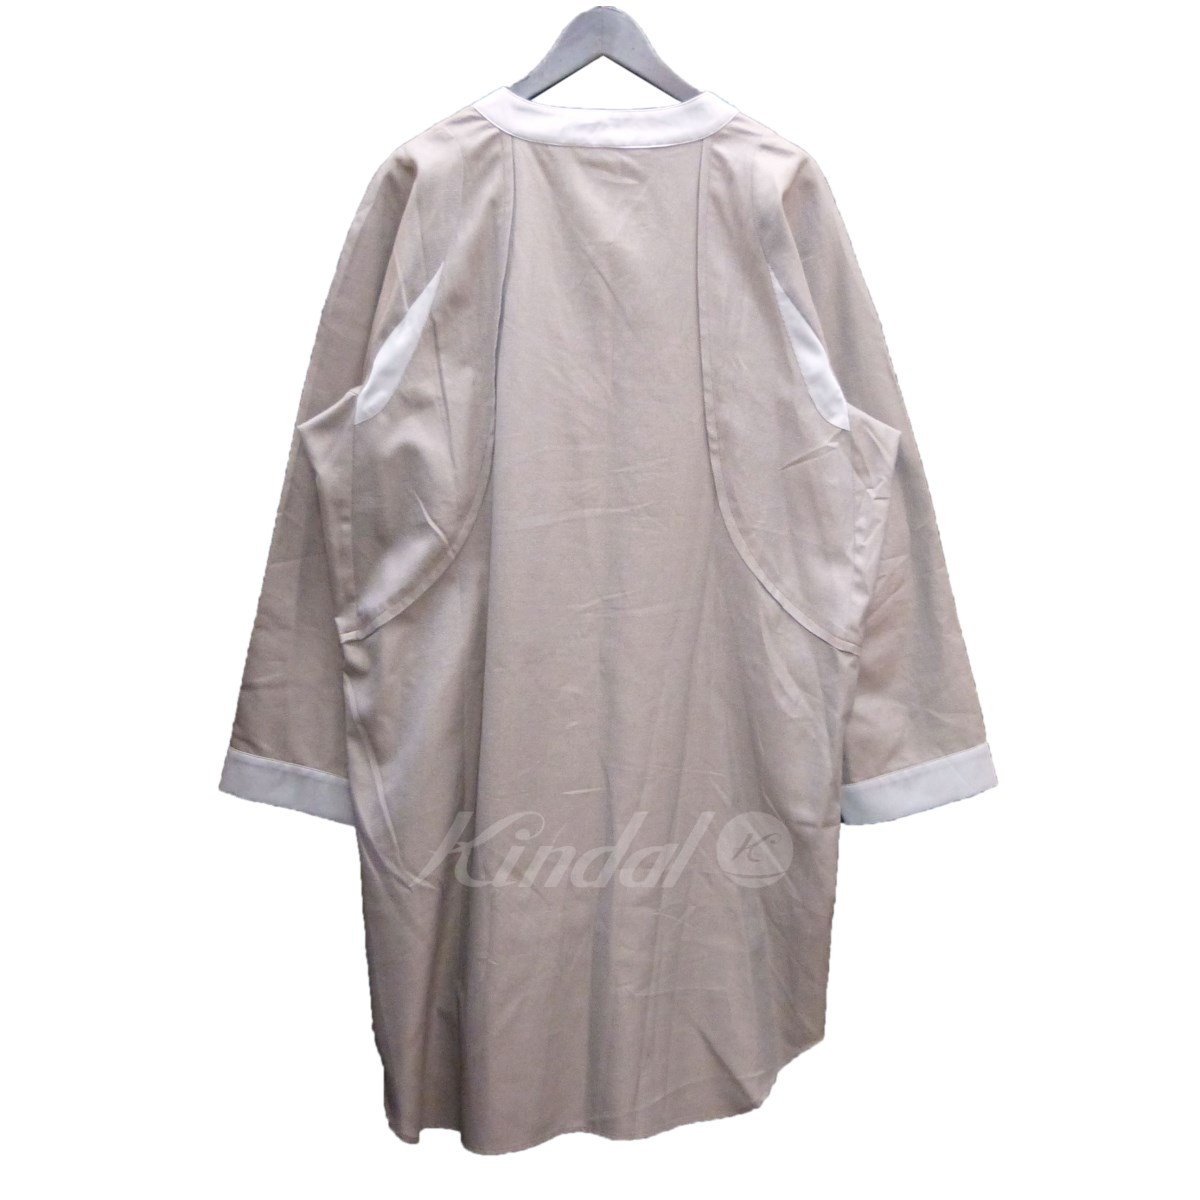 Kiko Kostadinov プルオーバーロングシャツジャケット ブラウン サイズ S060220キコ コスタディノフuJTKl15c3F